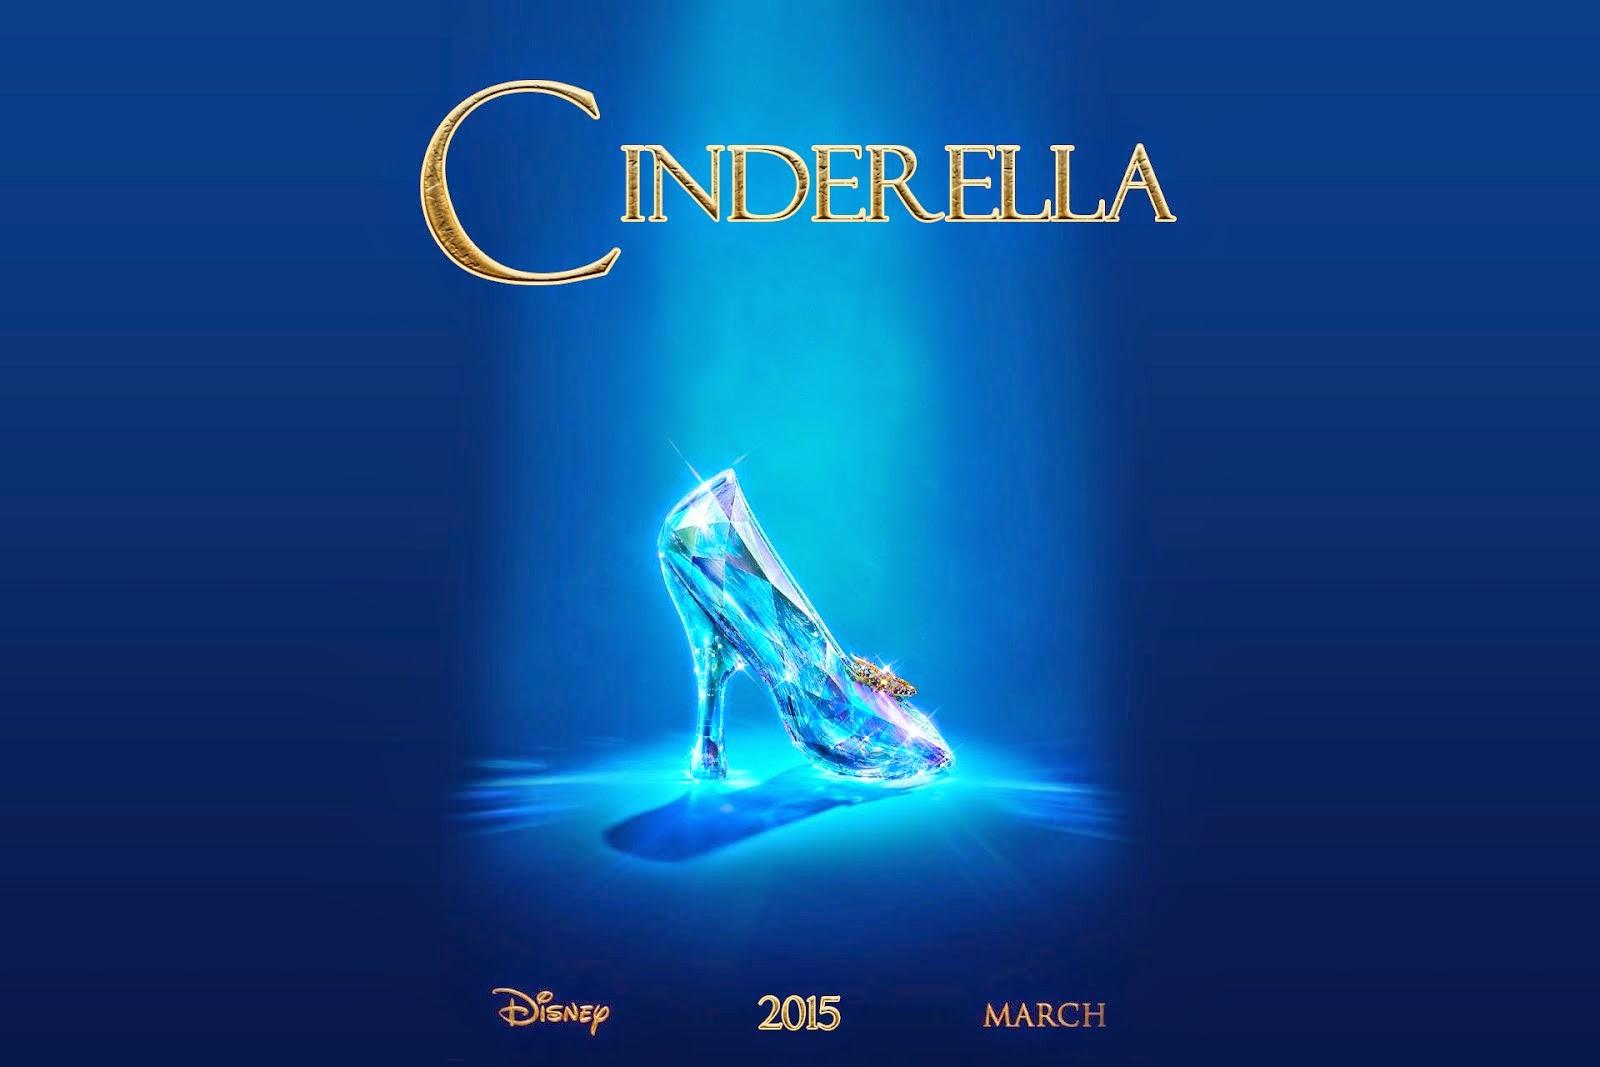 Cinderella Glass Slipper Quotes Quotesgram